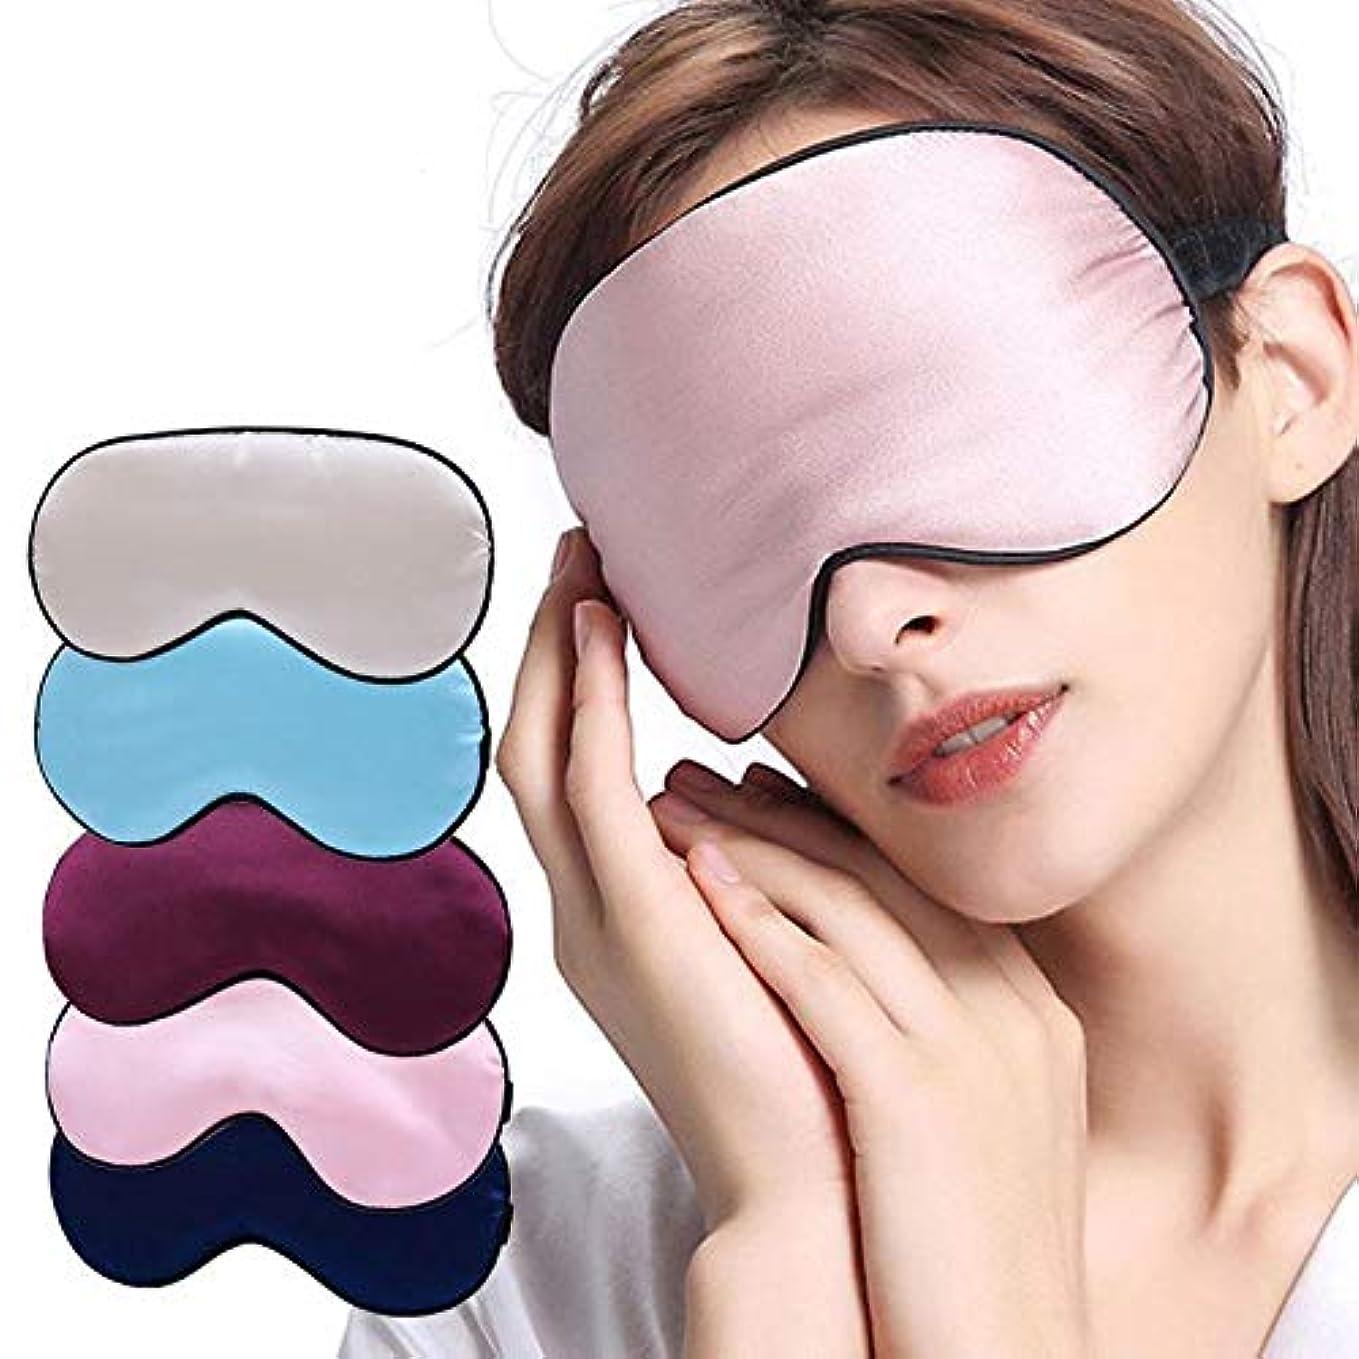 朝く特異性注意シルクスリープマスクしなやかアイシェードポータブルトラベルアイパッチ通気性のある休憩目隠しアイカバーナイトスリーピングマスクL3